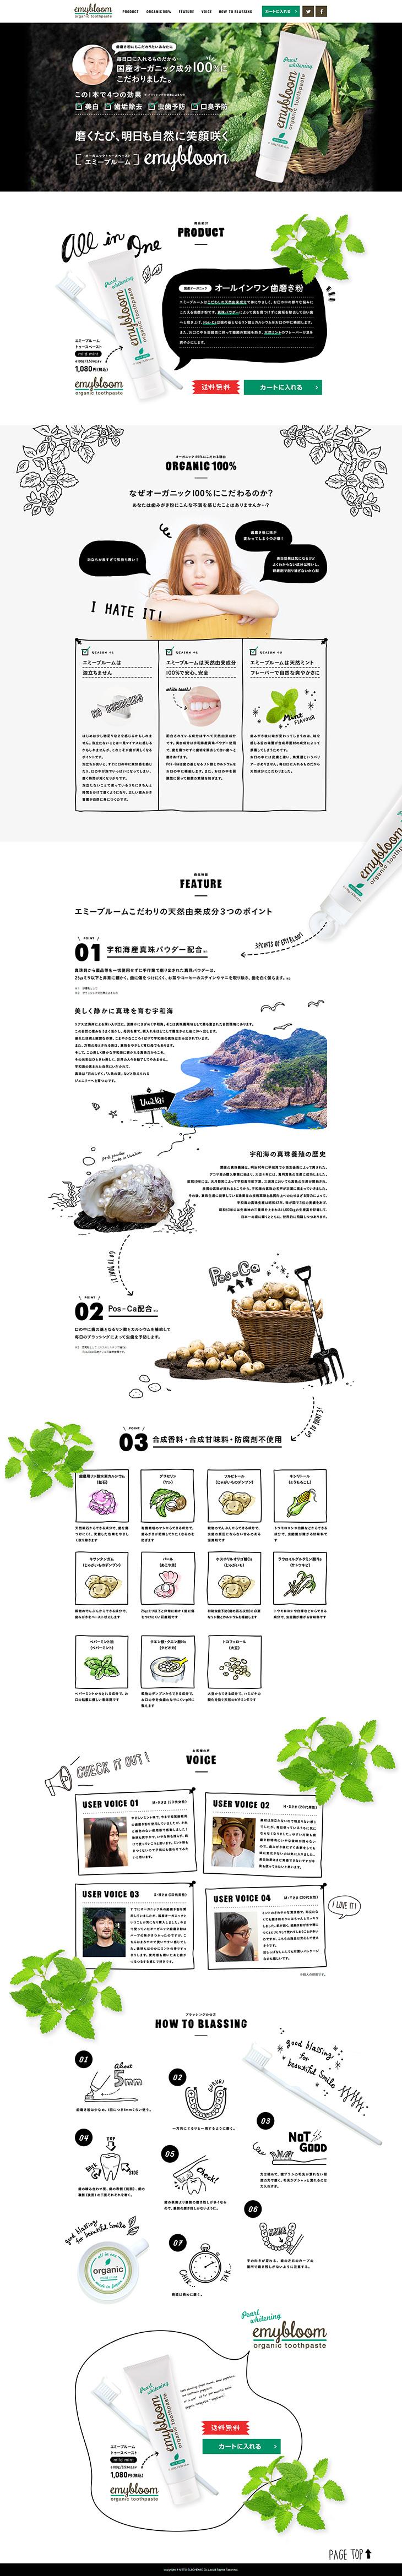 ランディングページ Lp エミーブルーム オーガニック トゥースペースト スキンケア 美容商品 自社サイト Lp デザイン ウェブデザイン ページデザイン